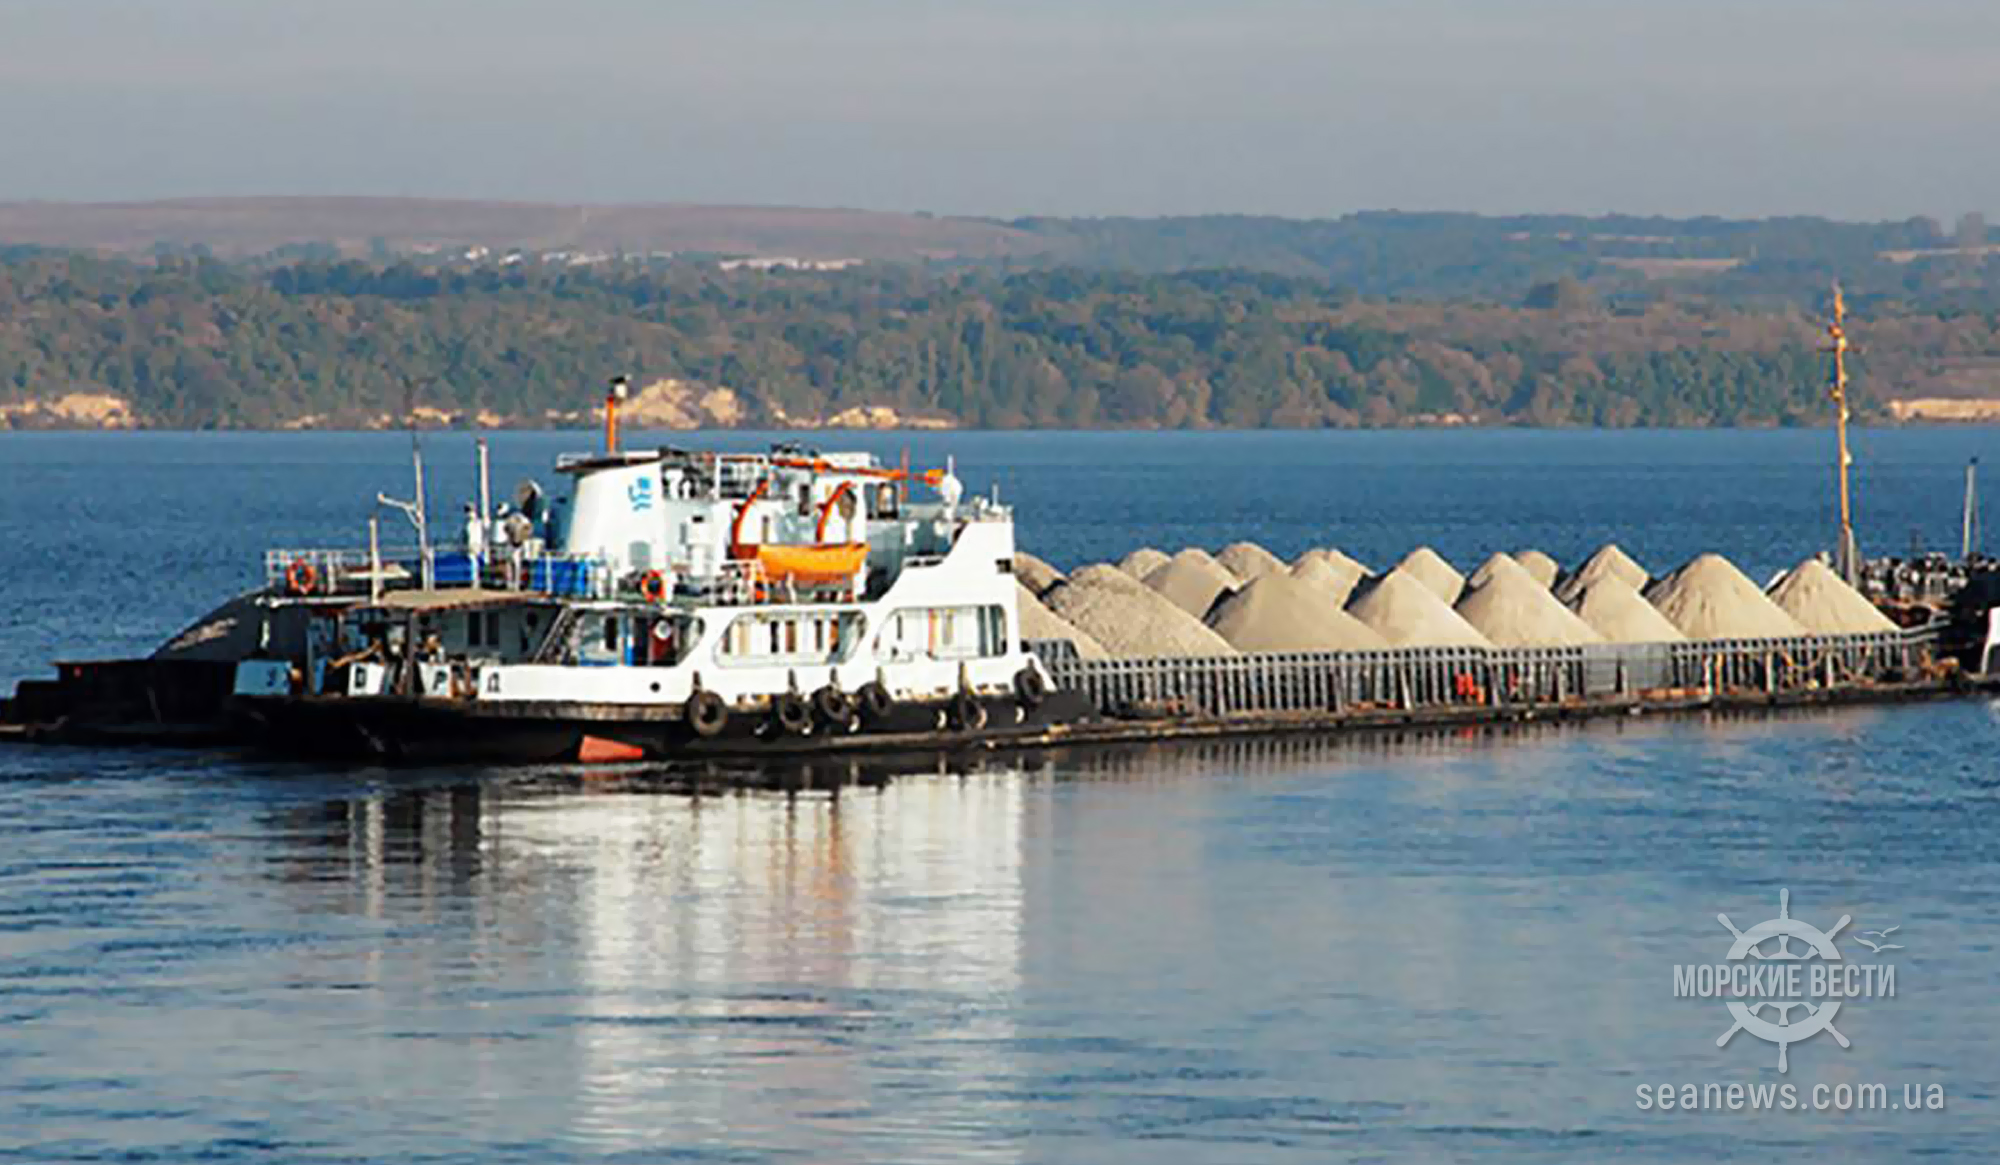 Что перевозят по крупнейшей реке Украины?